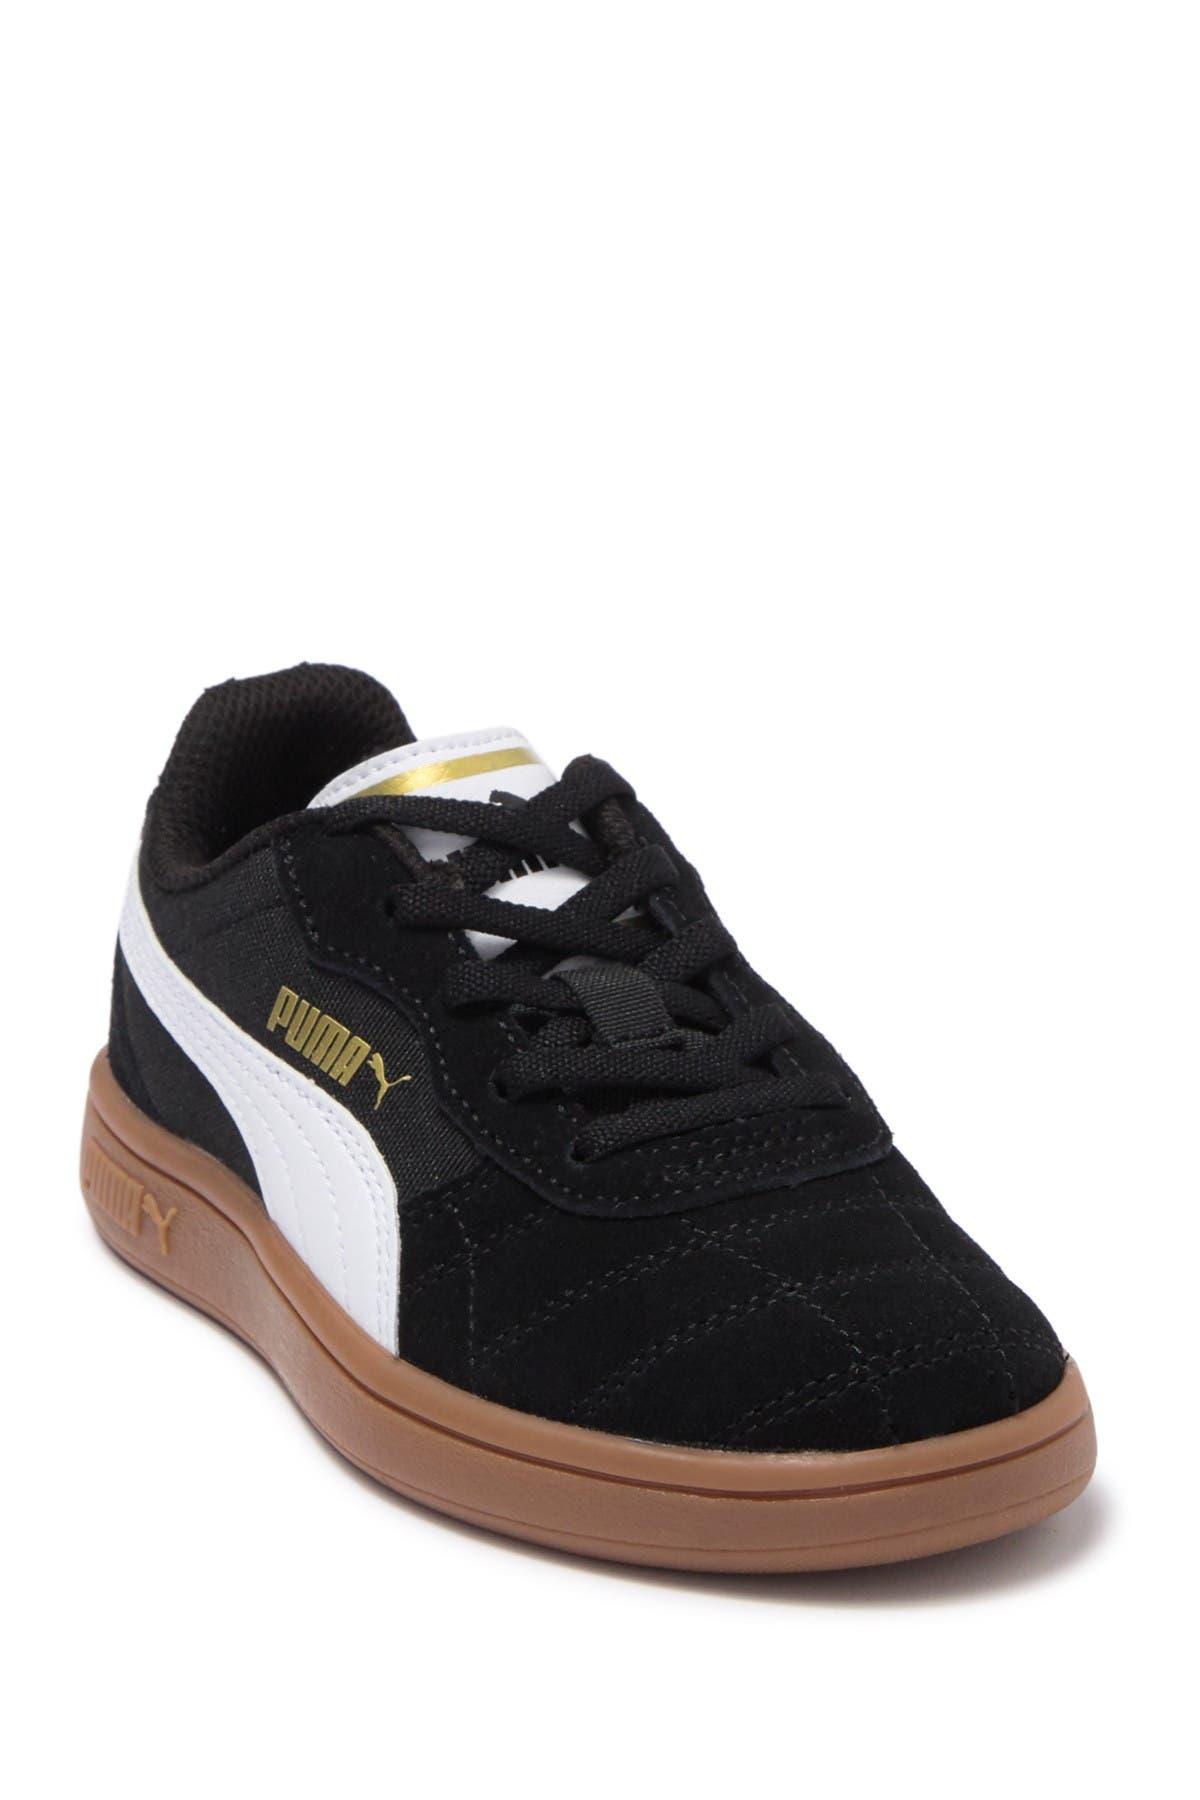 PUMA | Astro Kick Jr Suede Sneaker